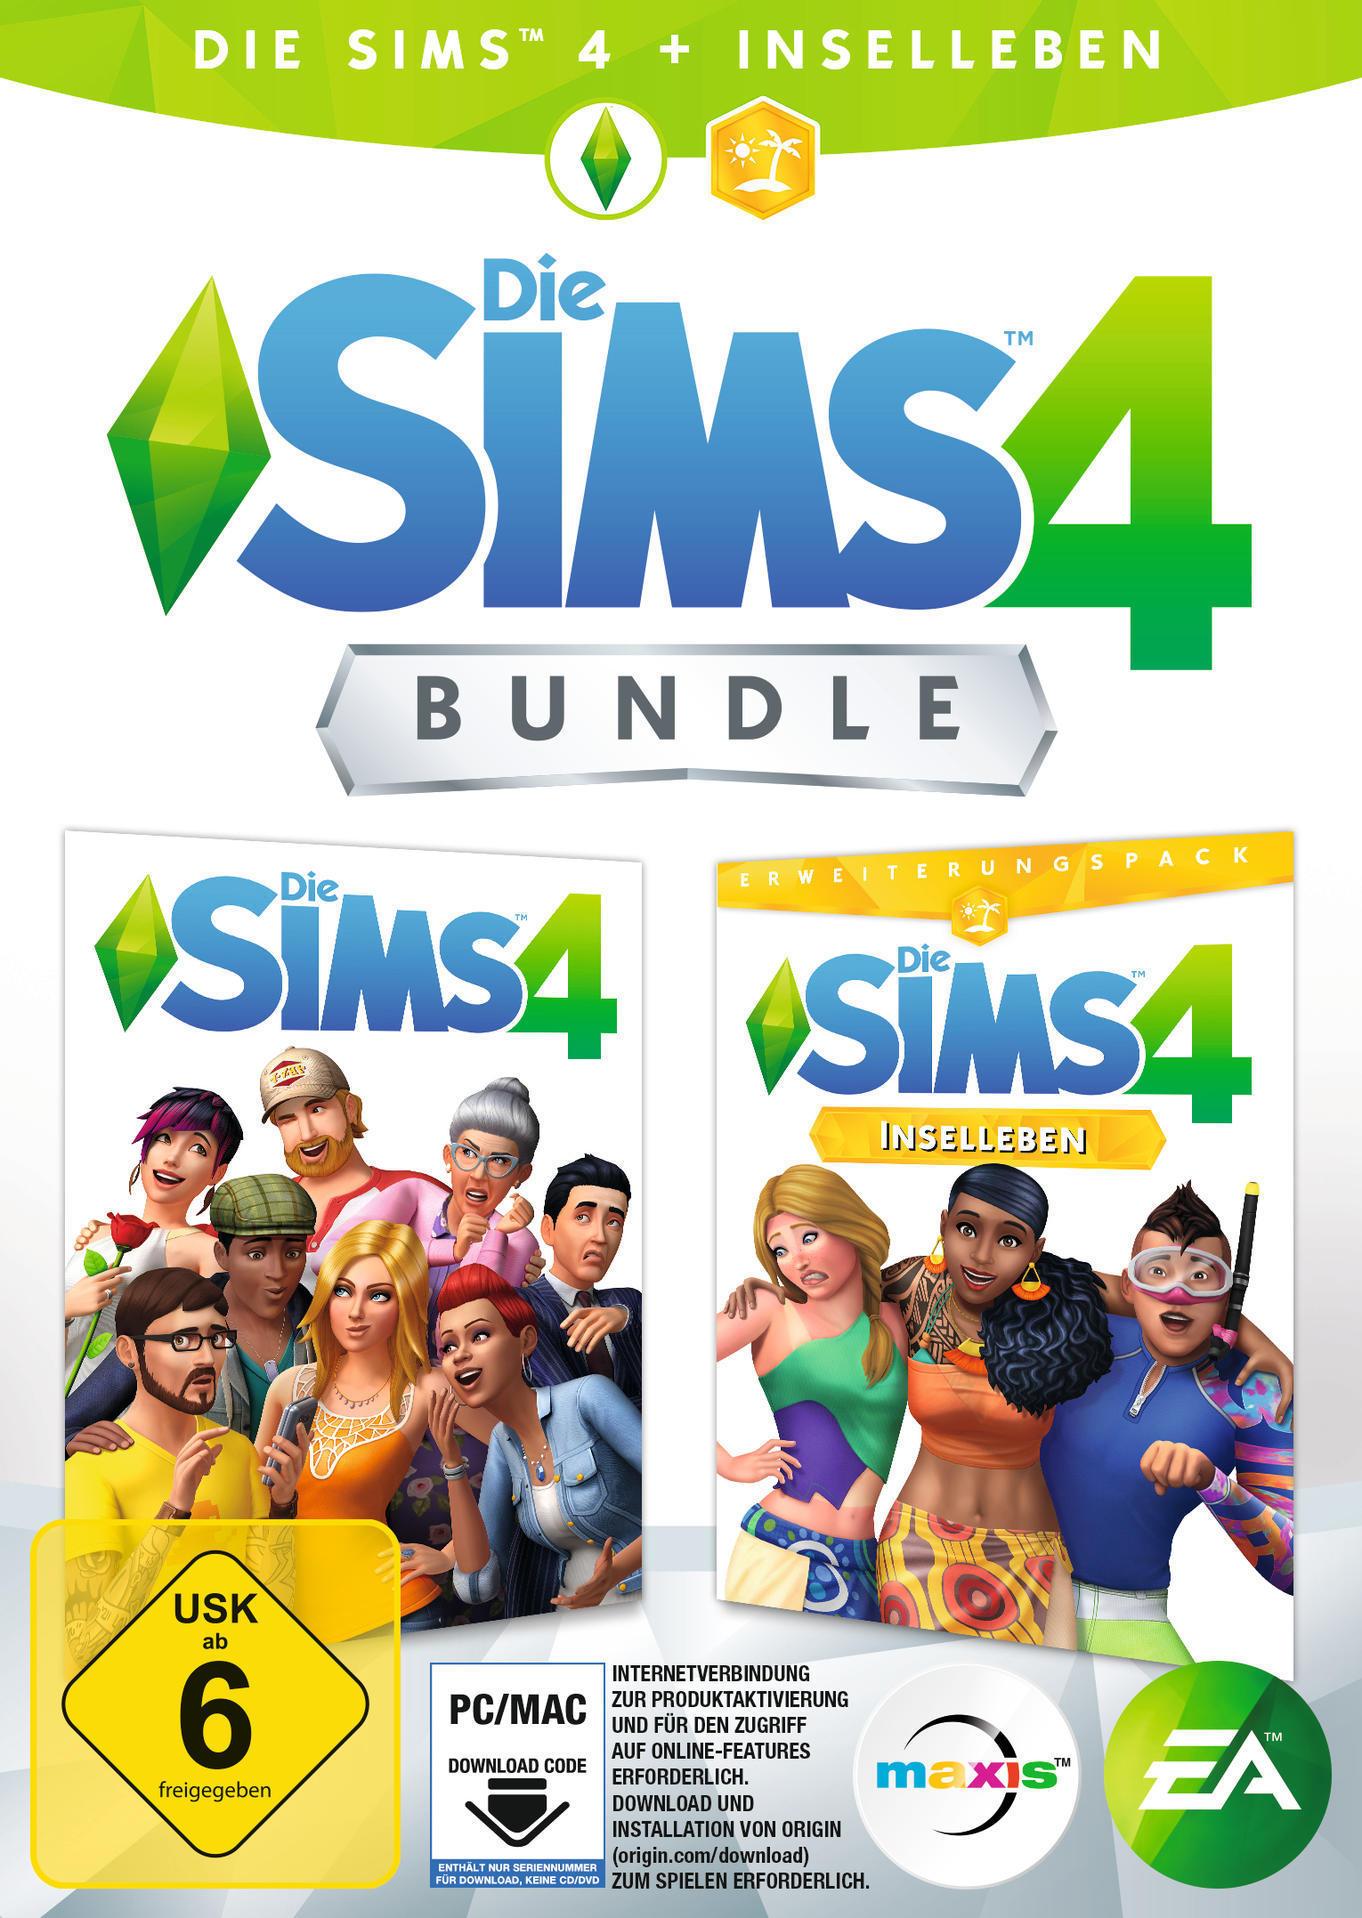 Die Sims 4 Bundle (inkl. Die Sims 4 Inselleben) (PC) für 59,99 Euro